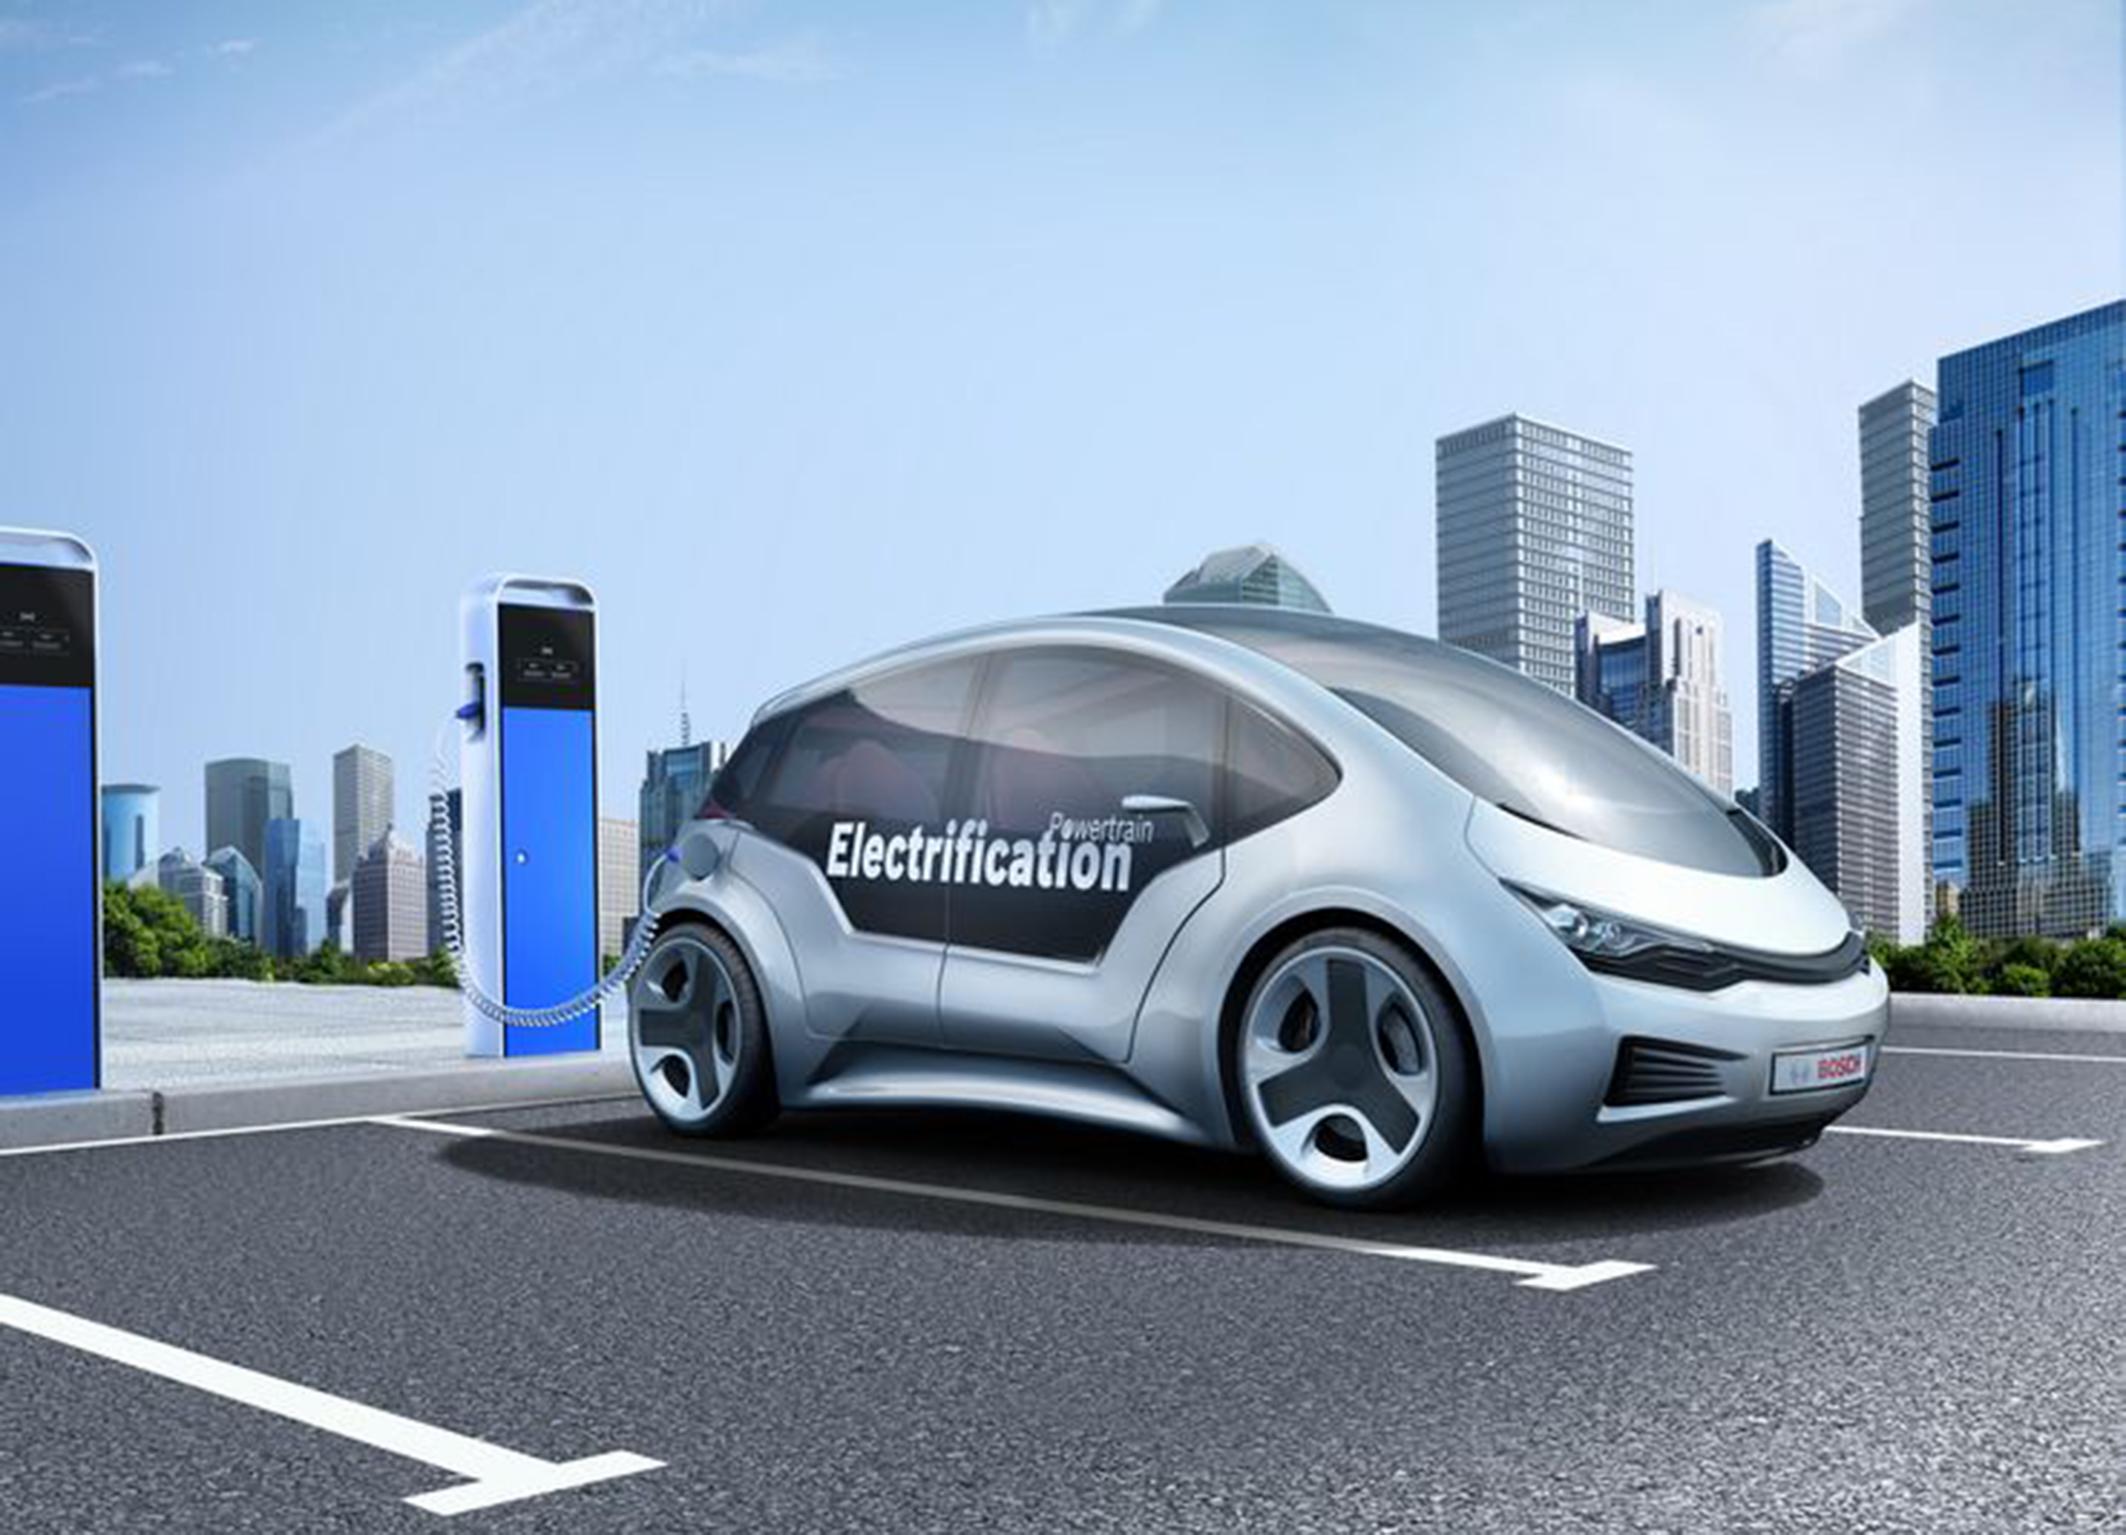 Eletromobilidade: conectividade e prazer em dirigir